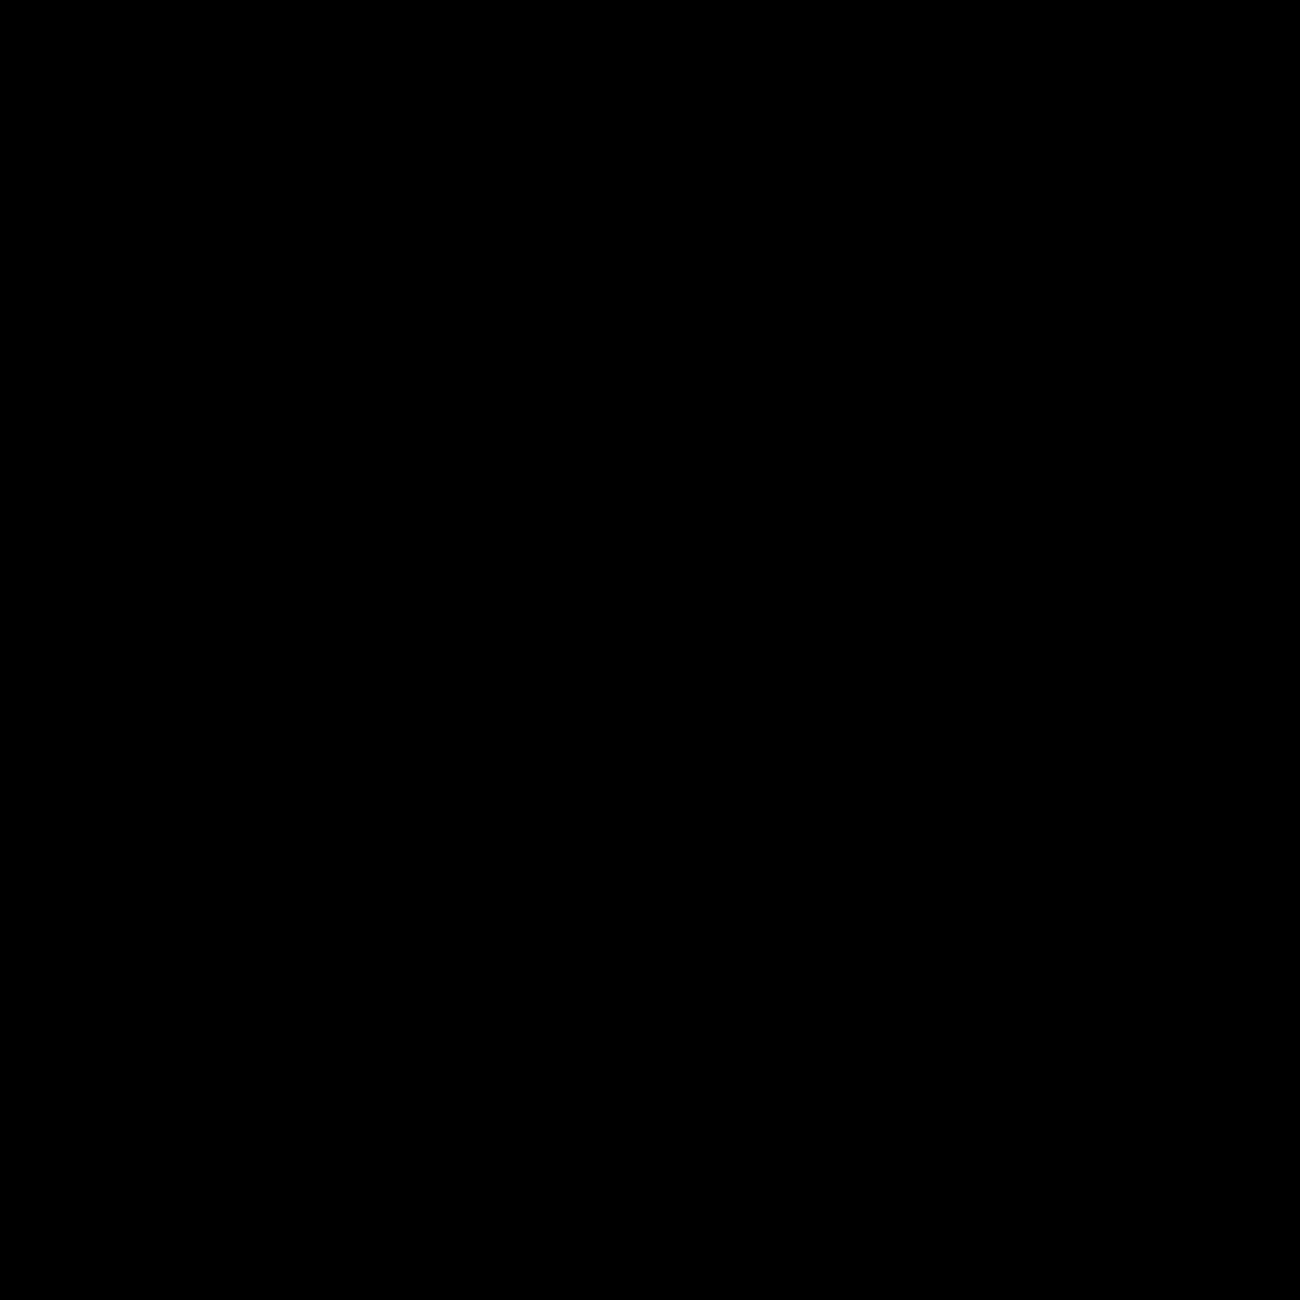 I'm ok! Lol :D Imokay Itsafineday Rainy ColdMorning monday selfie whatswiththeface blueshirt blurry spectacles androgynous love life passion igers igersasia Philippines Cebu pinoy instalike instalove potd instaphoto photochallenge